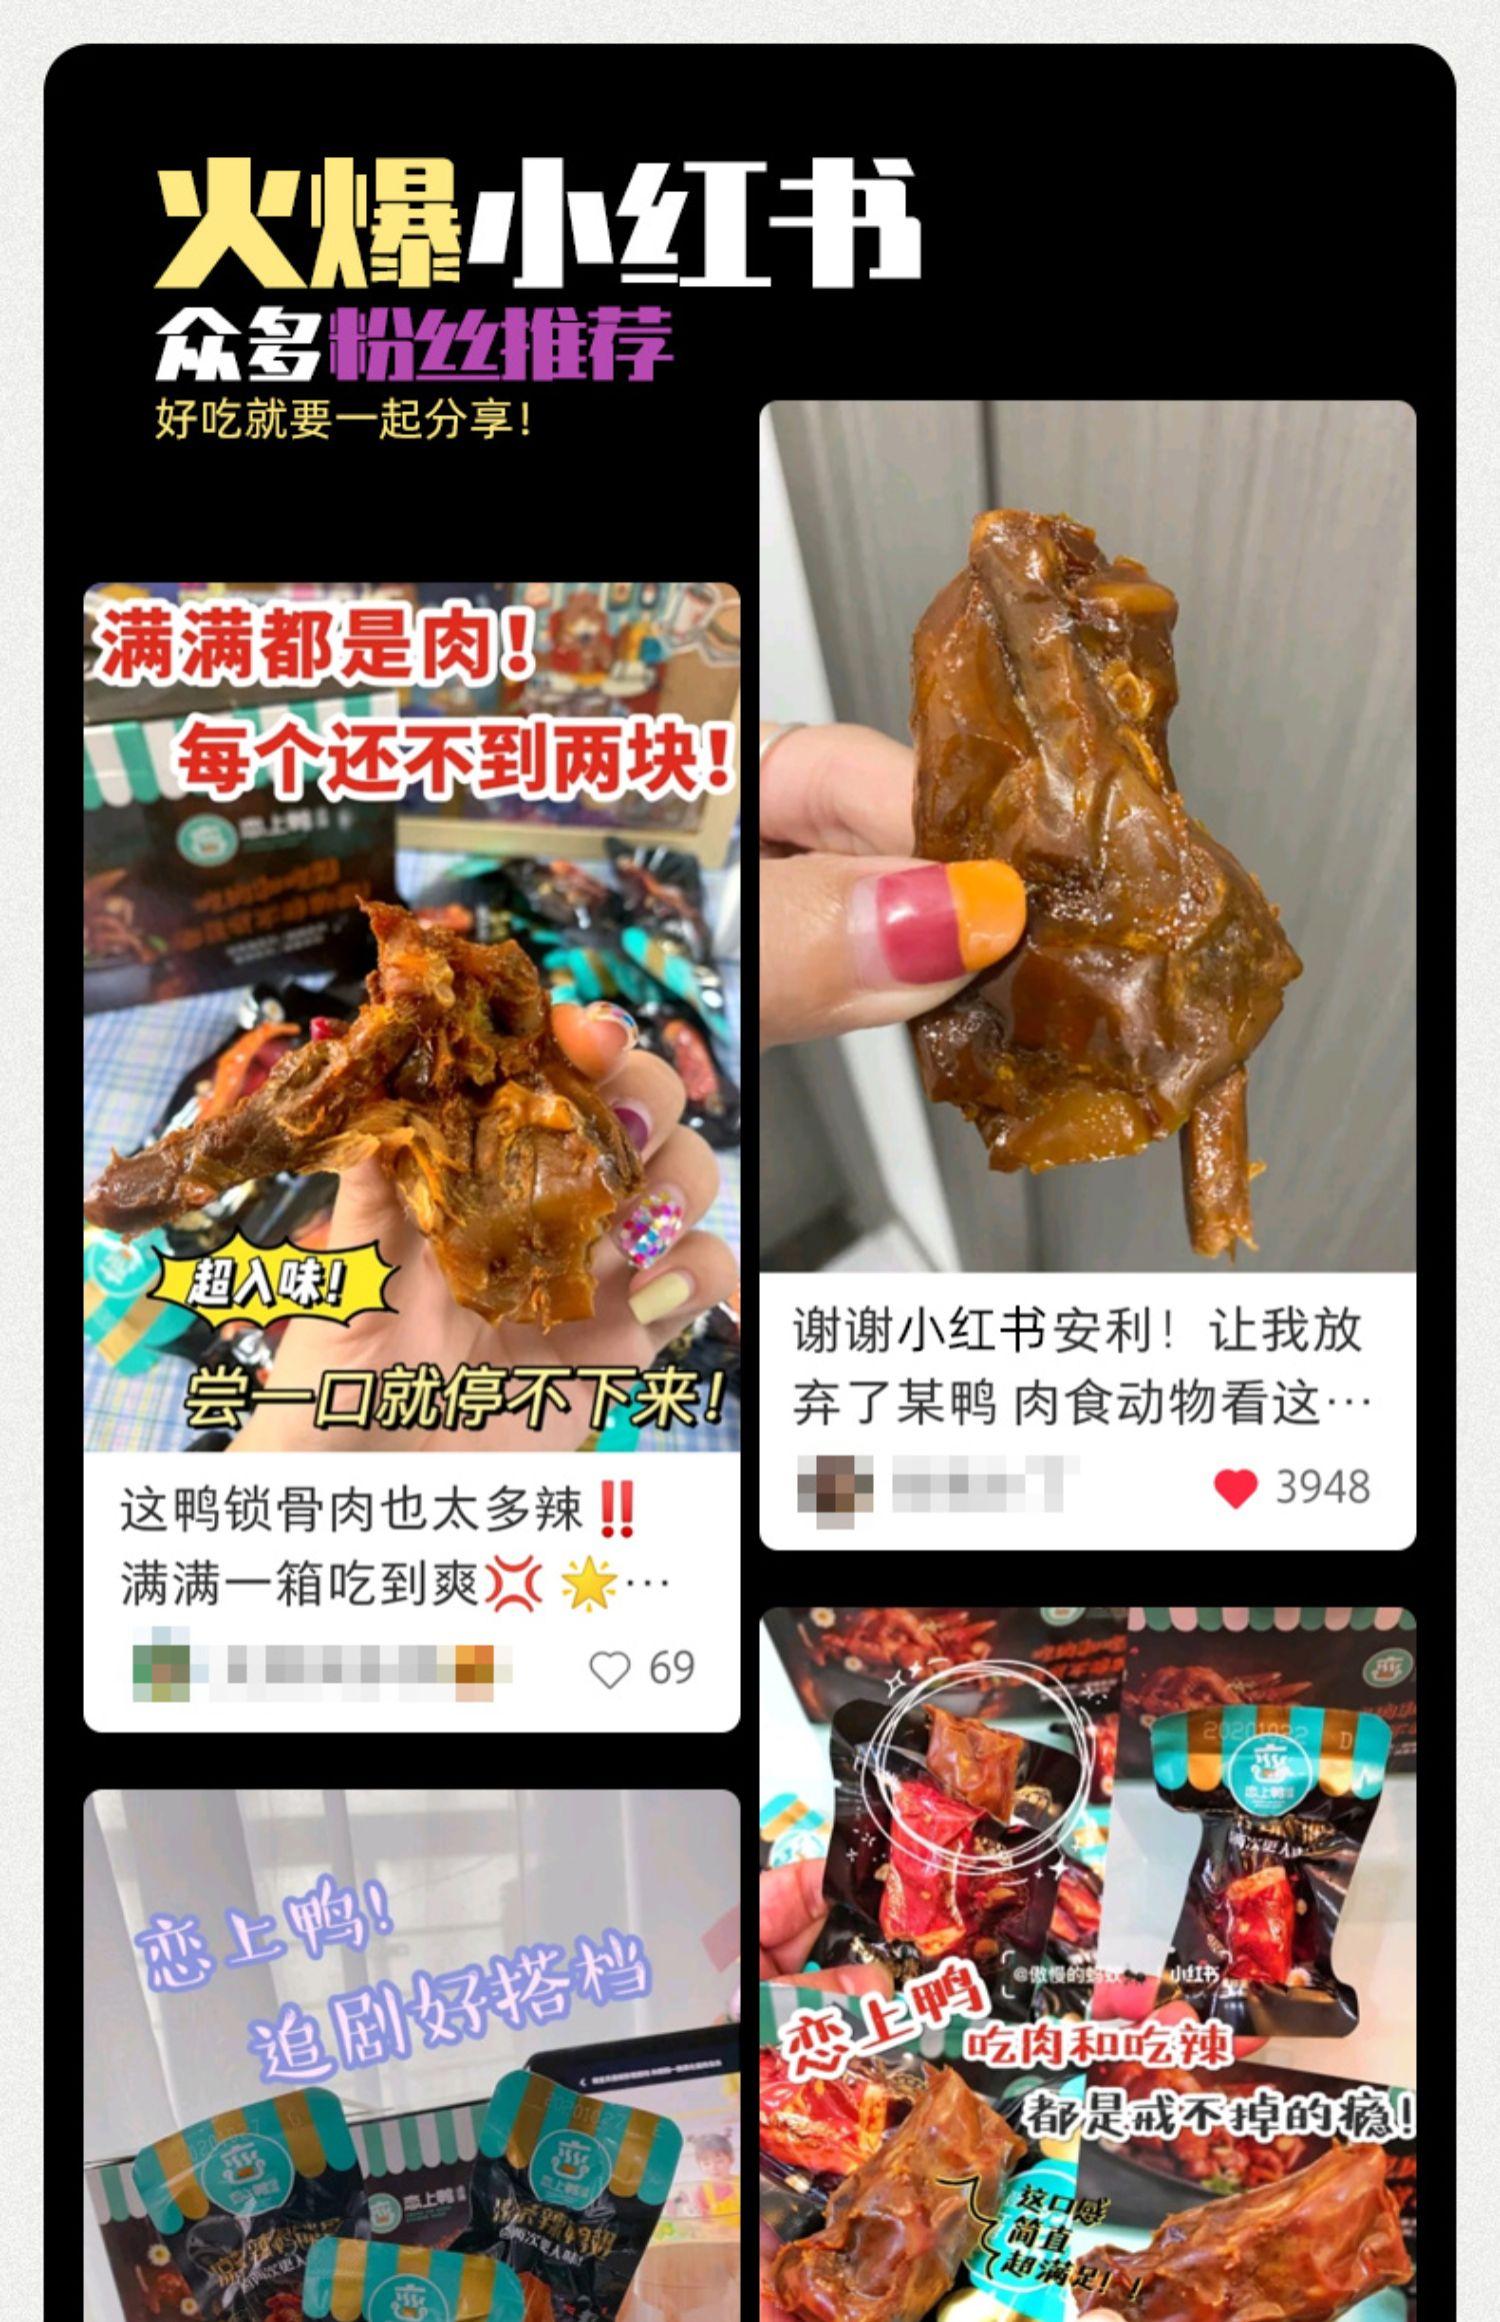 【恋上鸭】鸭脖鸭翅鸭锁骨整箱500g